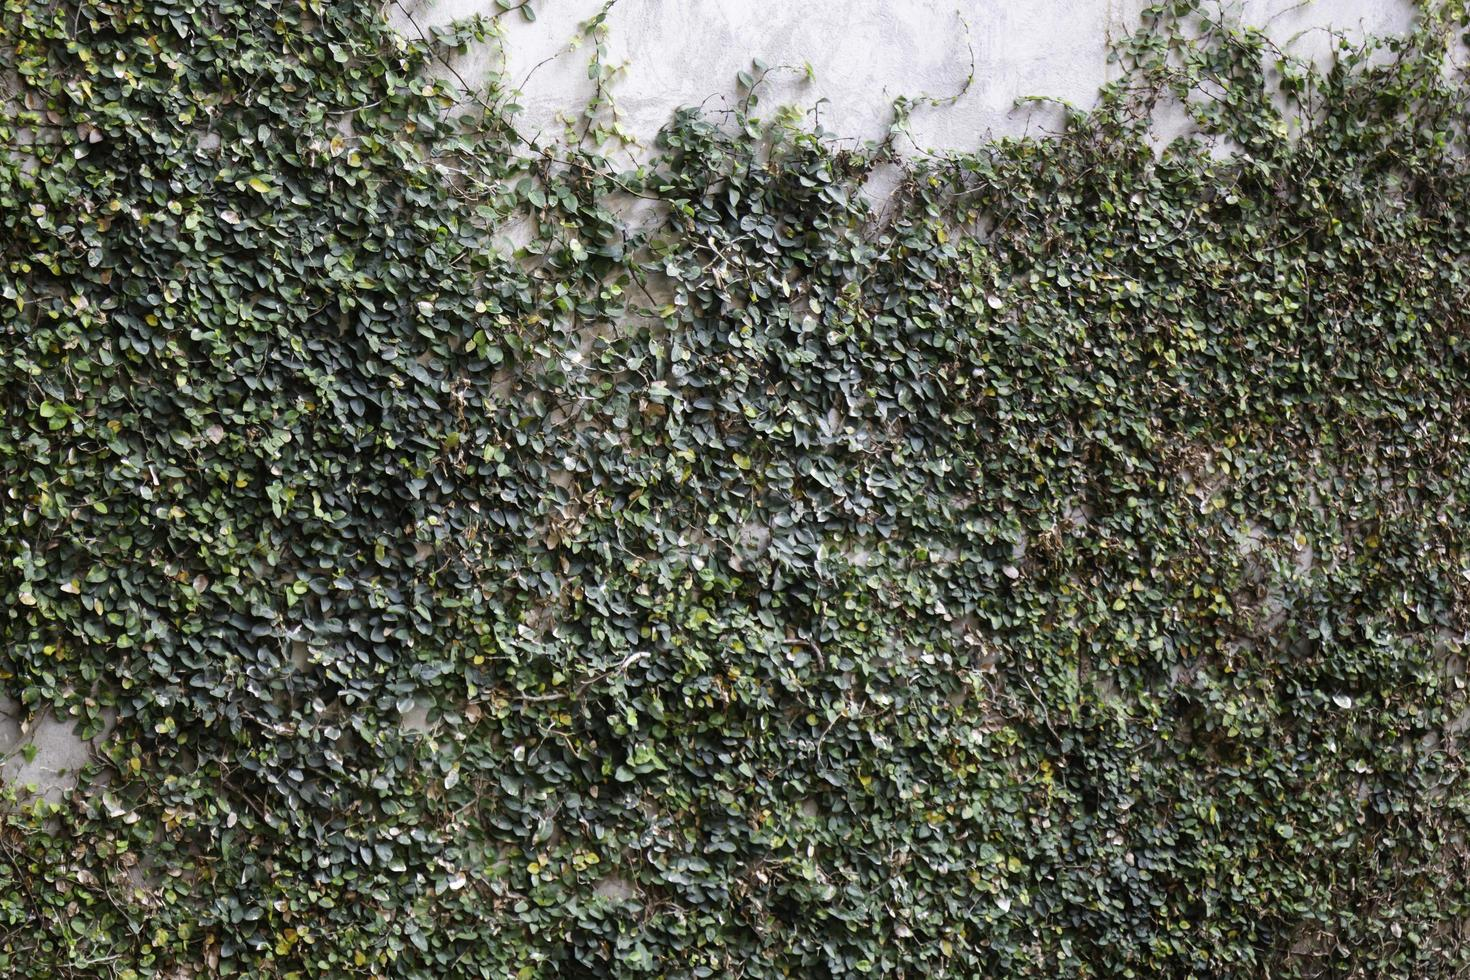 hiedra creciendo en una pared foto